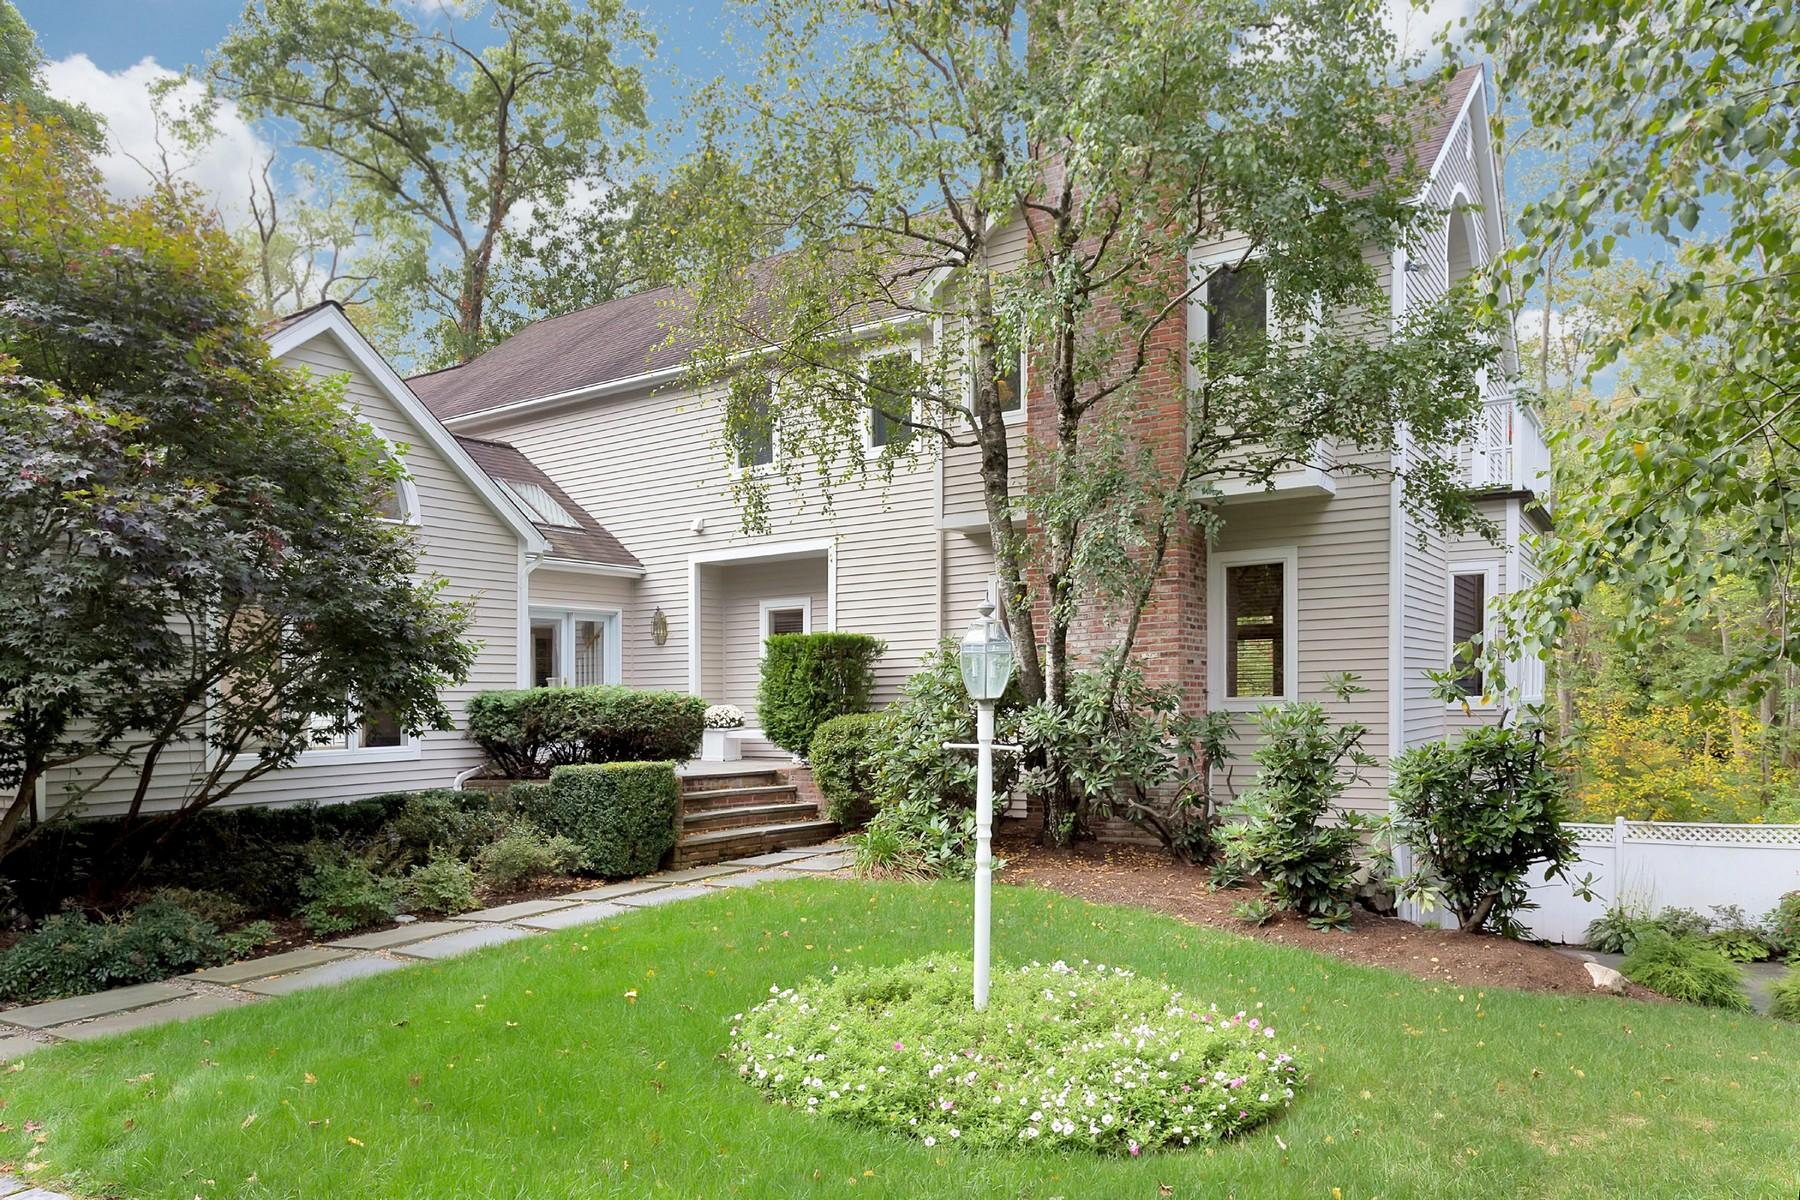 Casa Unifamiliar por un Venta en COZY CONTEMPORARY 90 Old Redding Road Weston, Connecticut, 06883 Estados Unidos